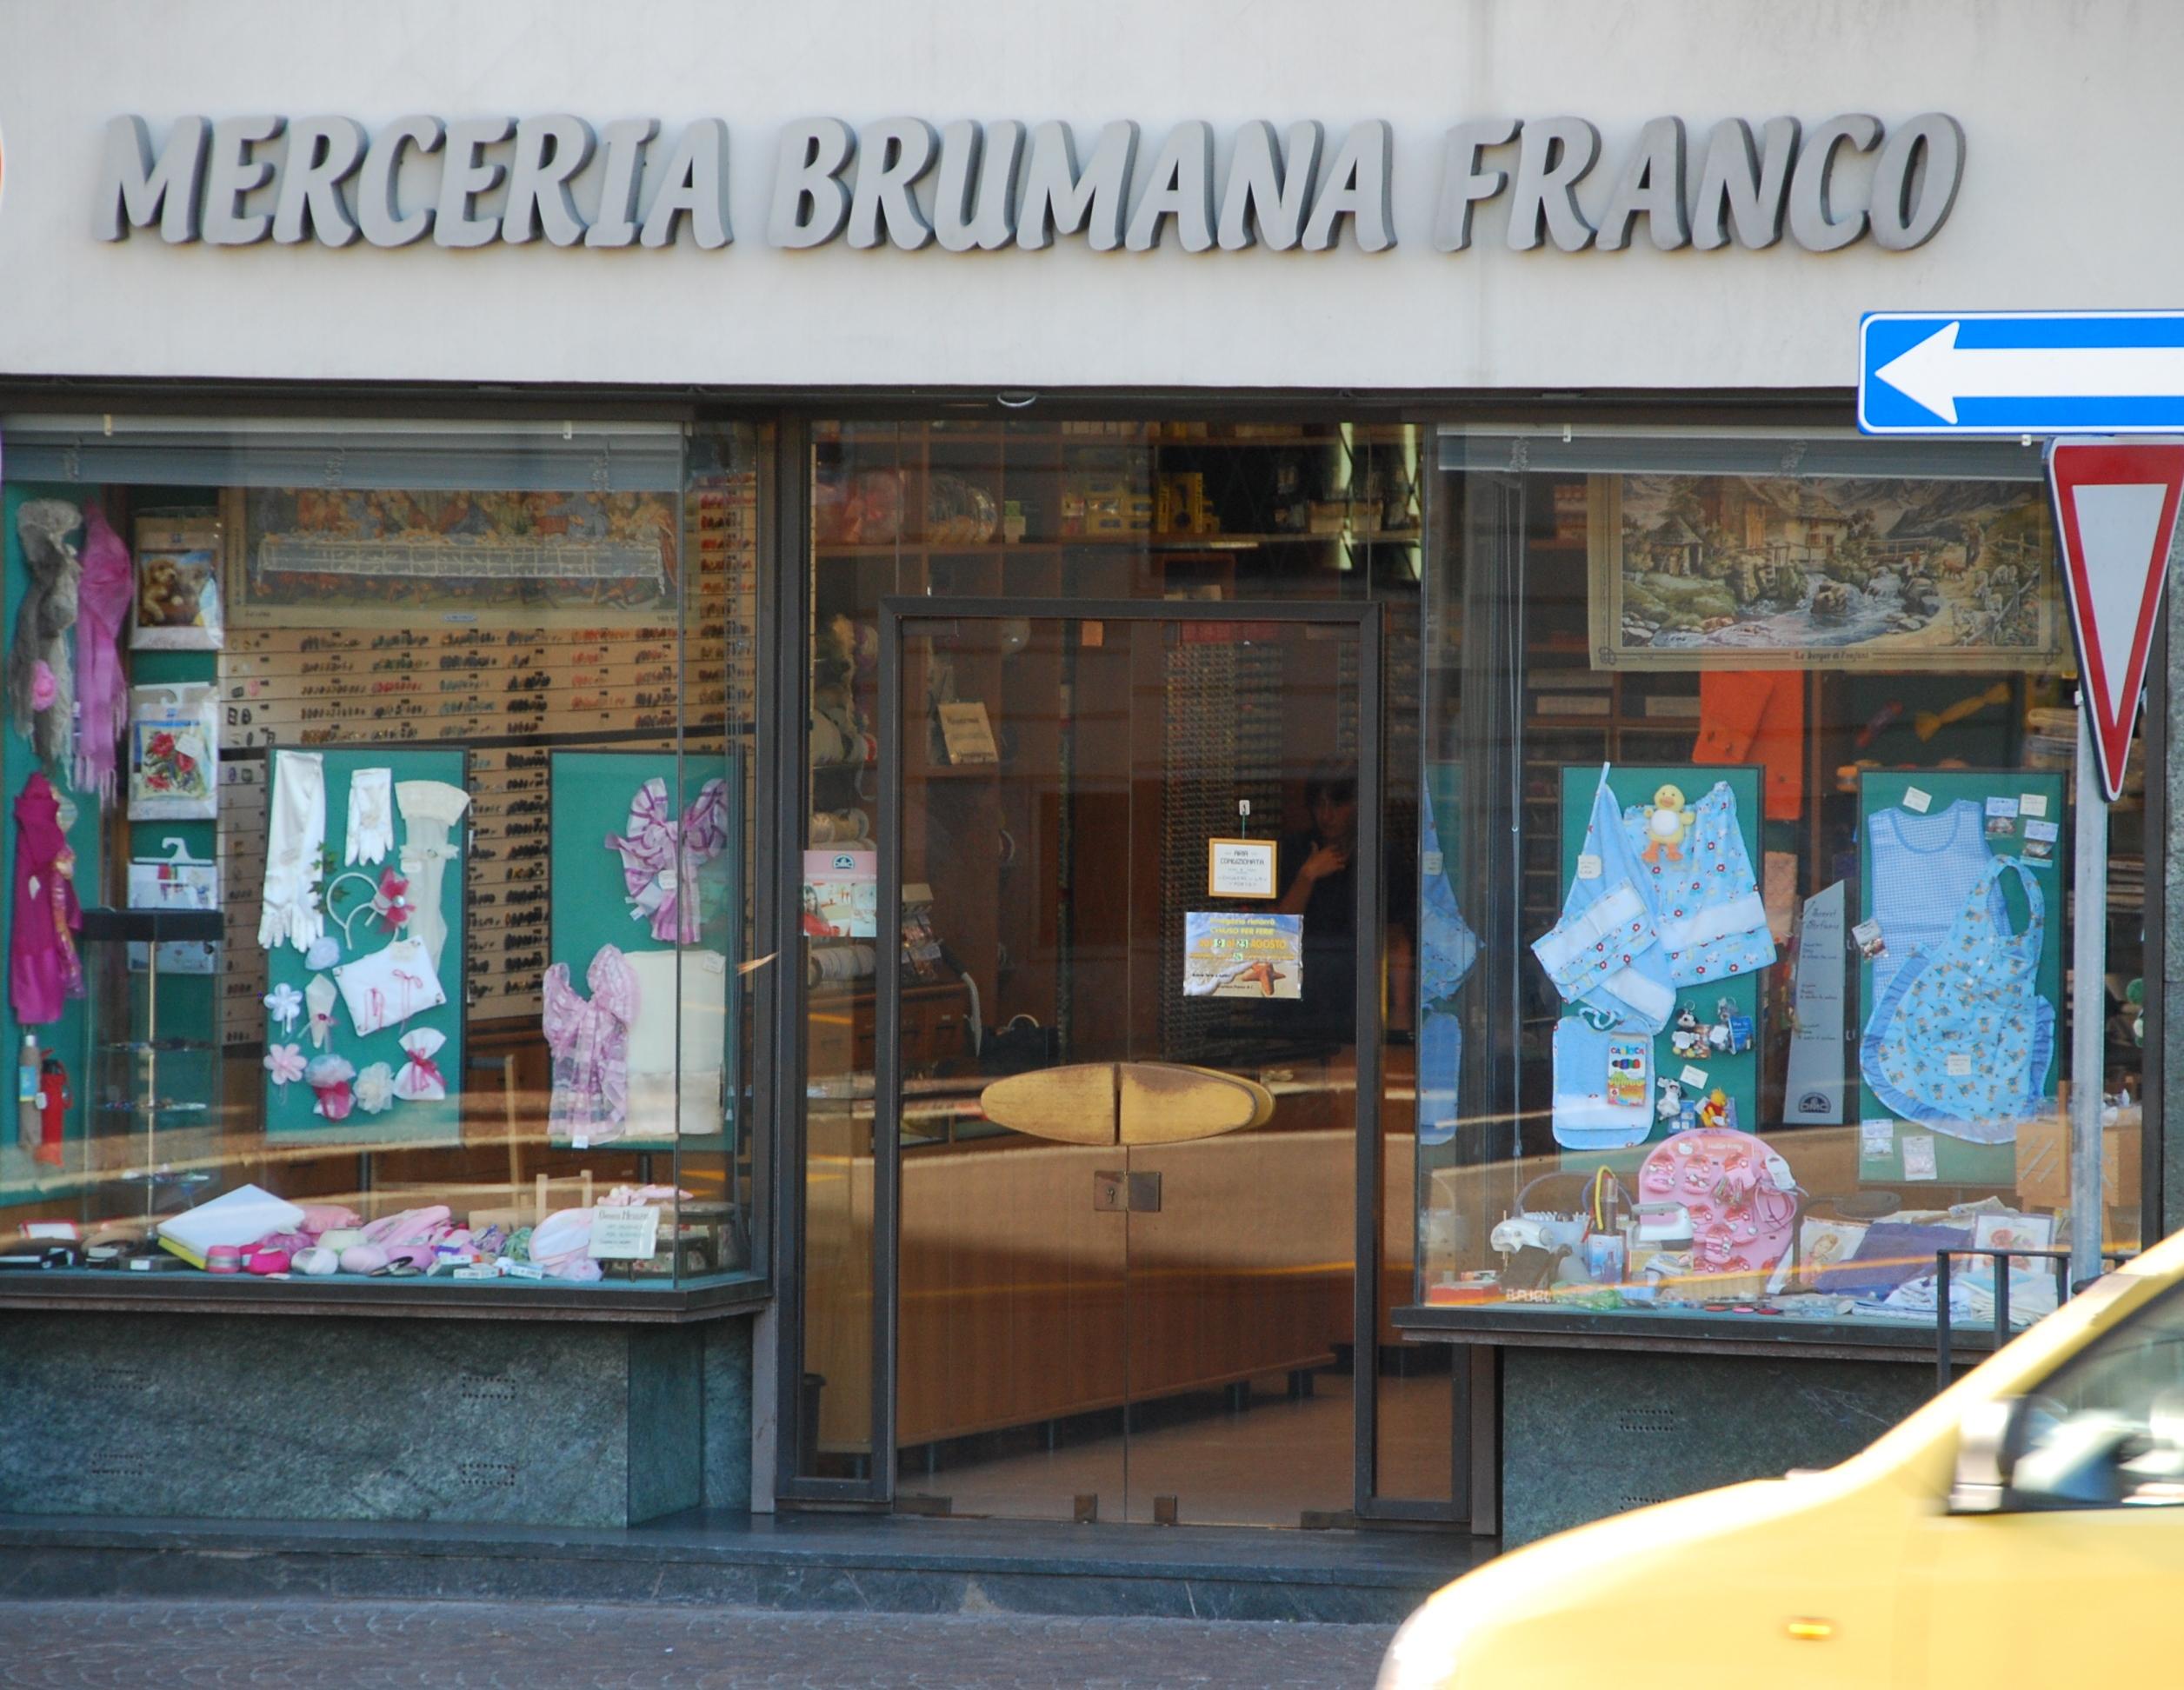 BRUMANA FRANCO - VARESE